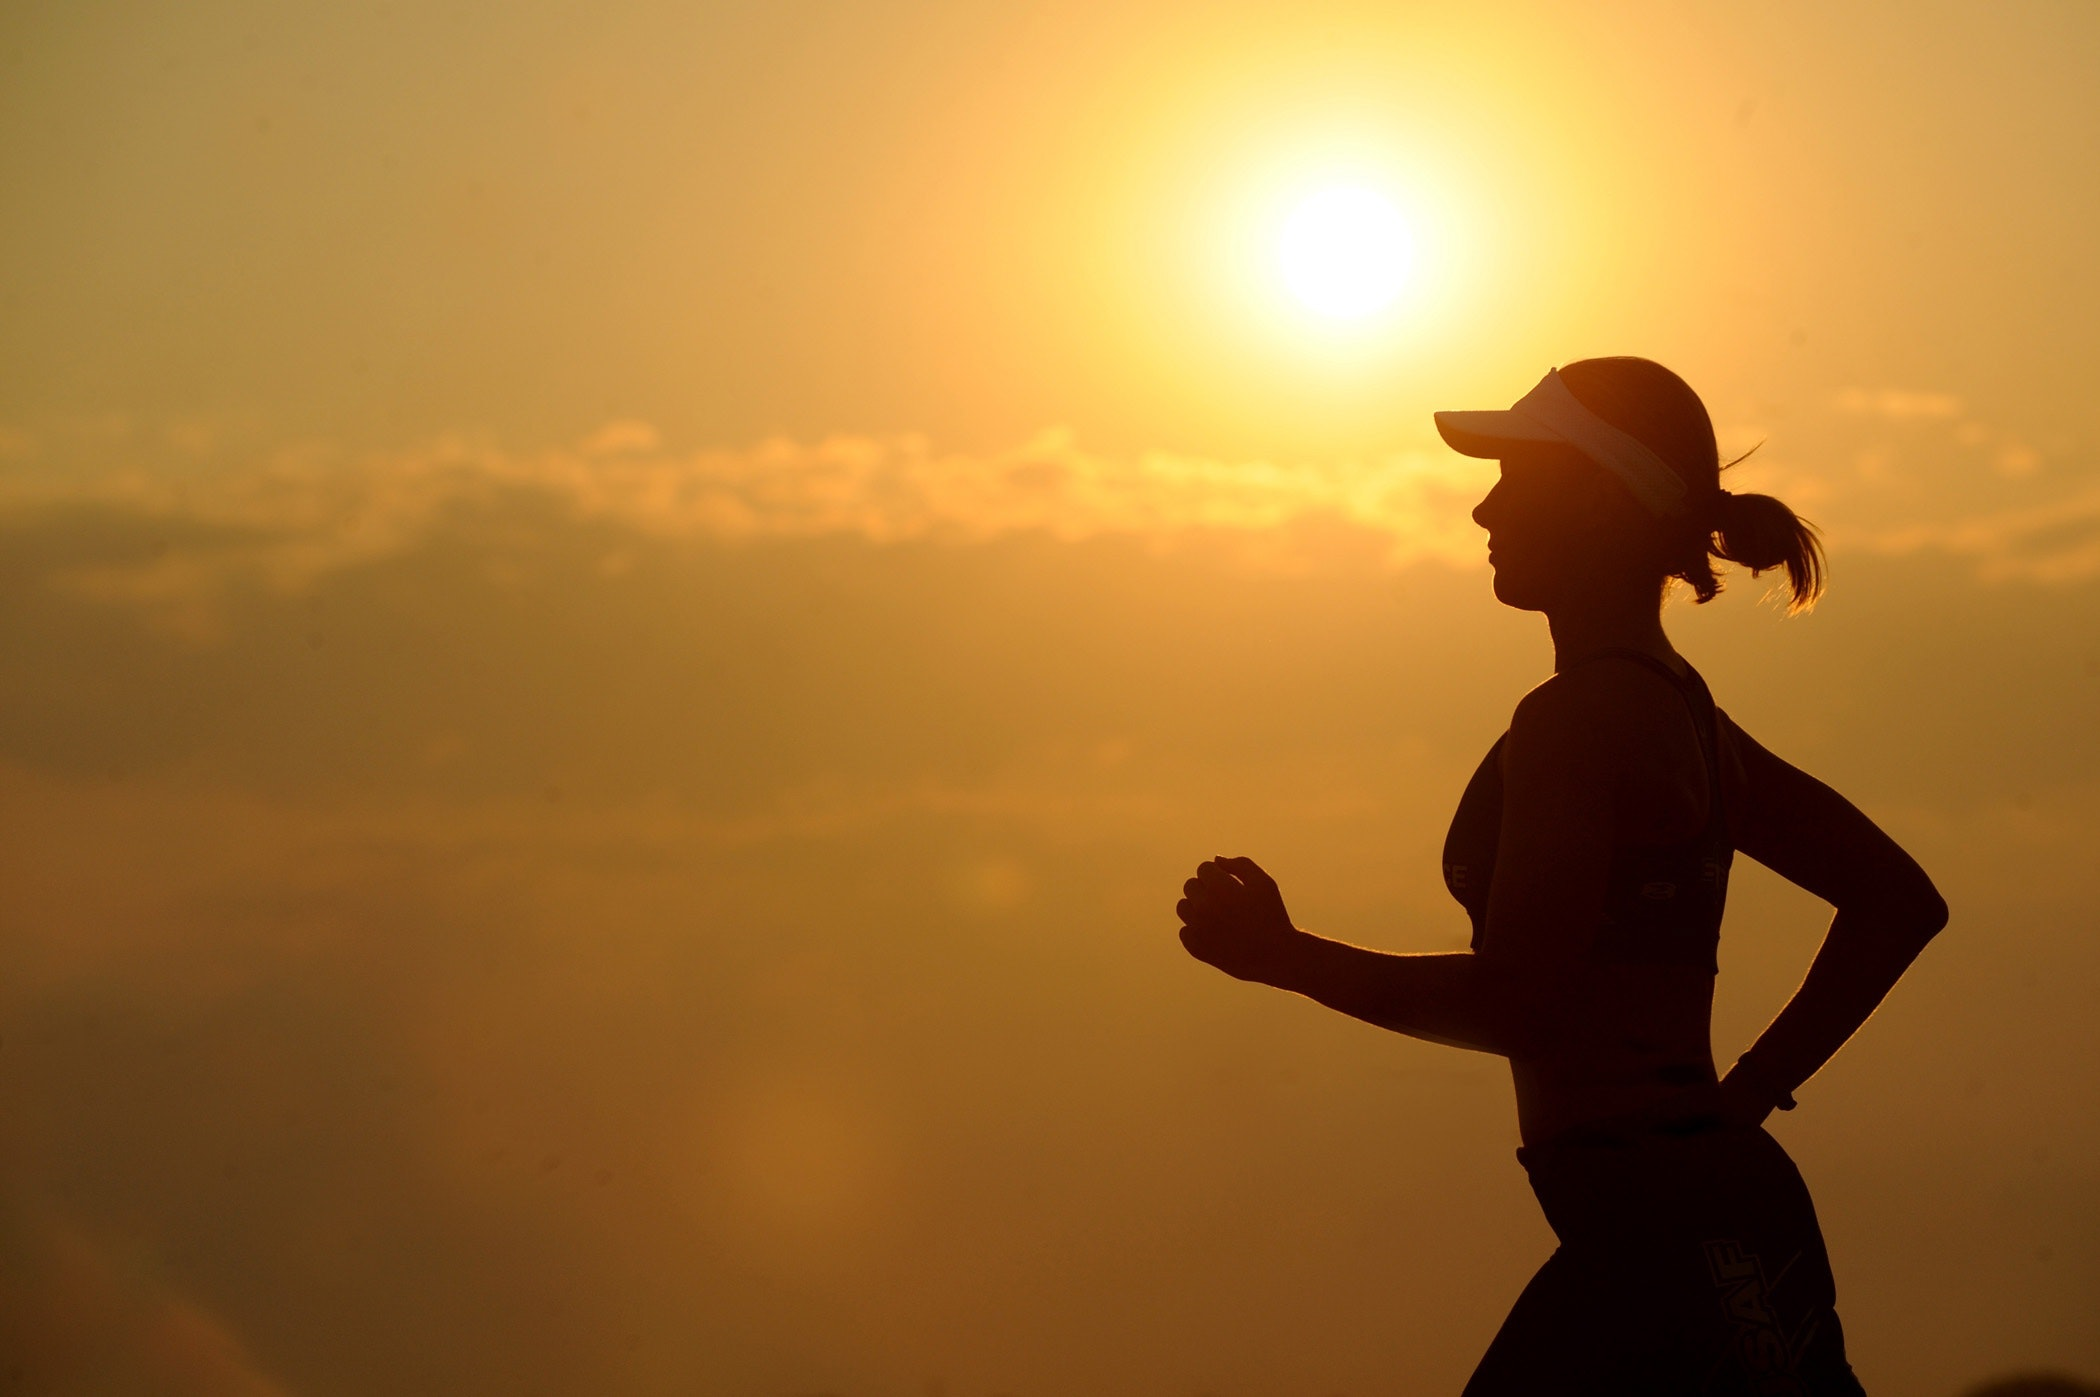 Woman with white sunvisor running photo